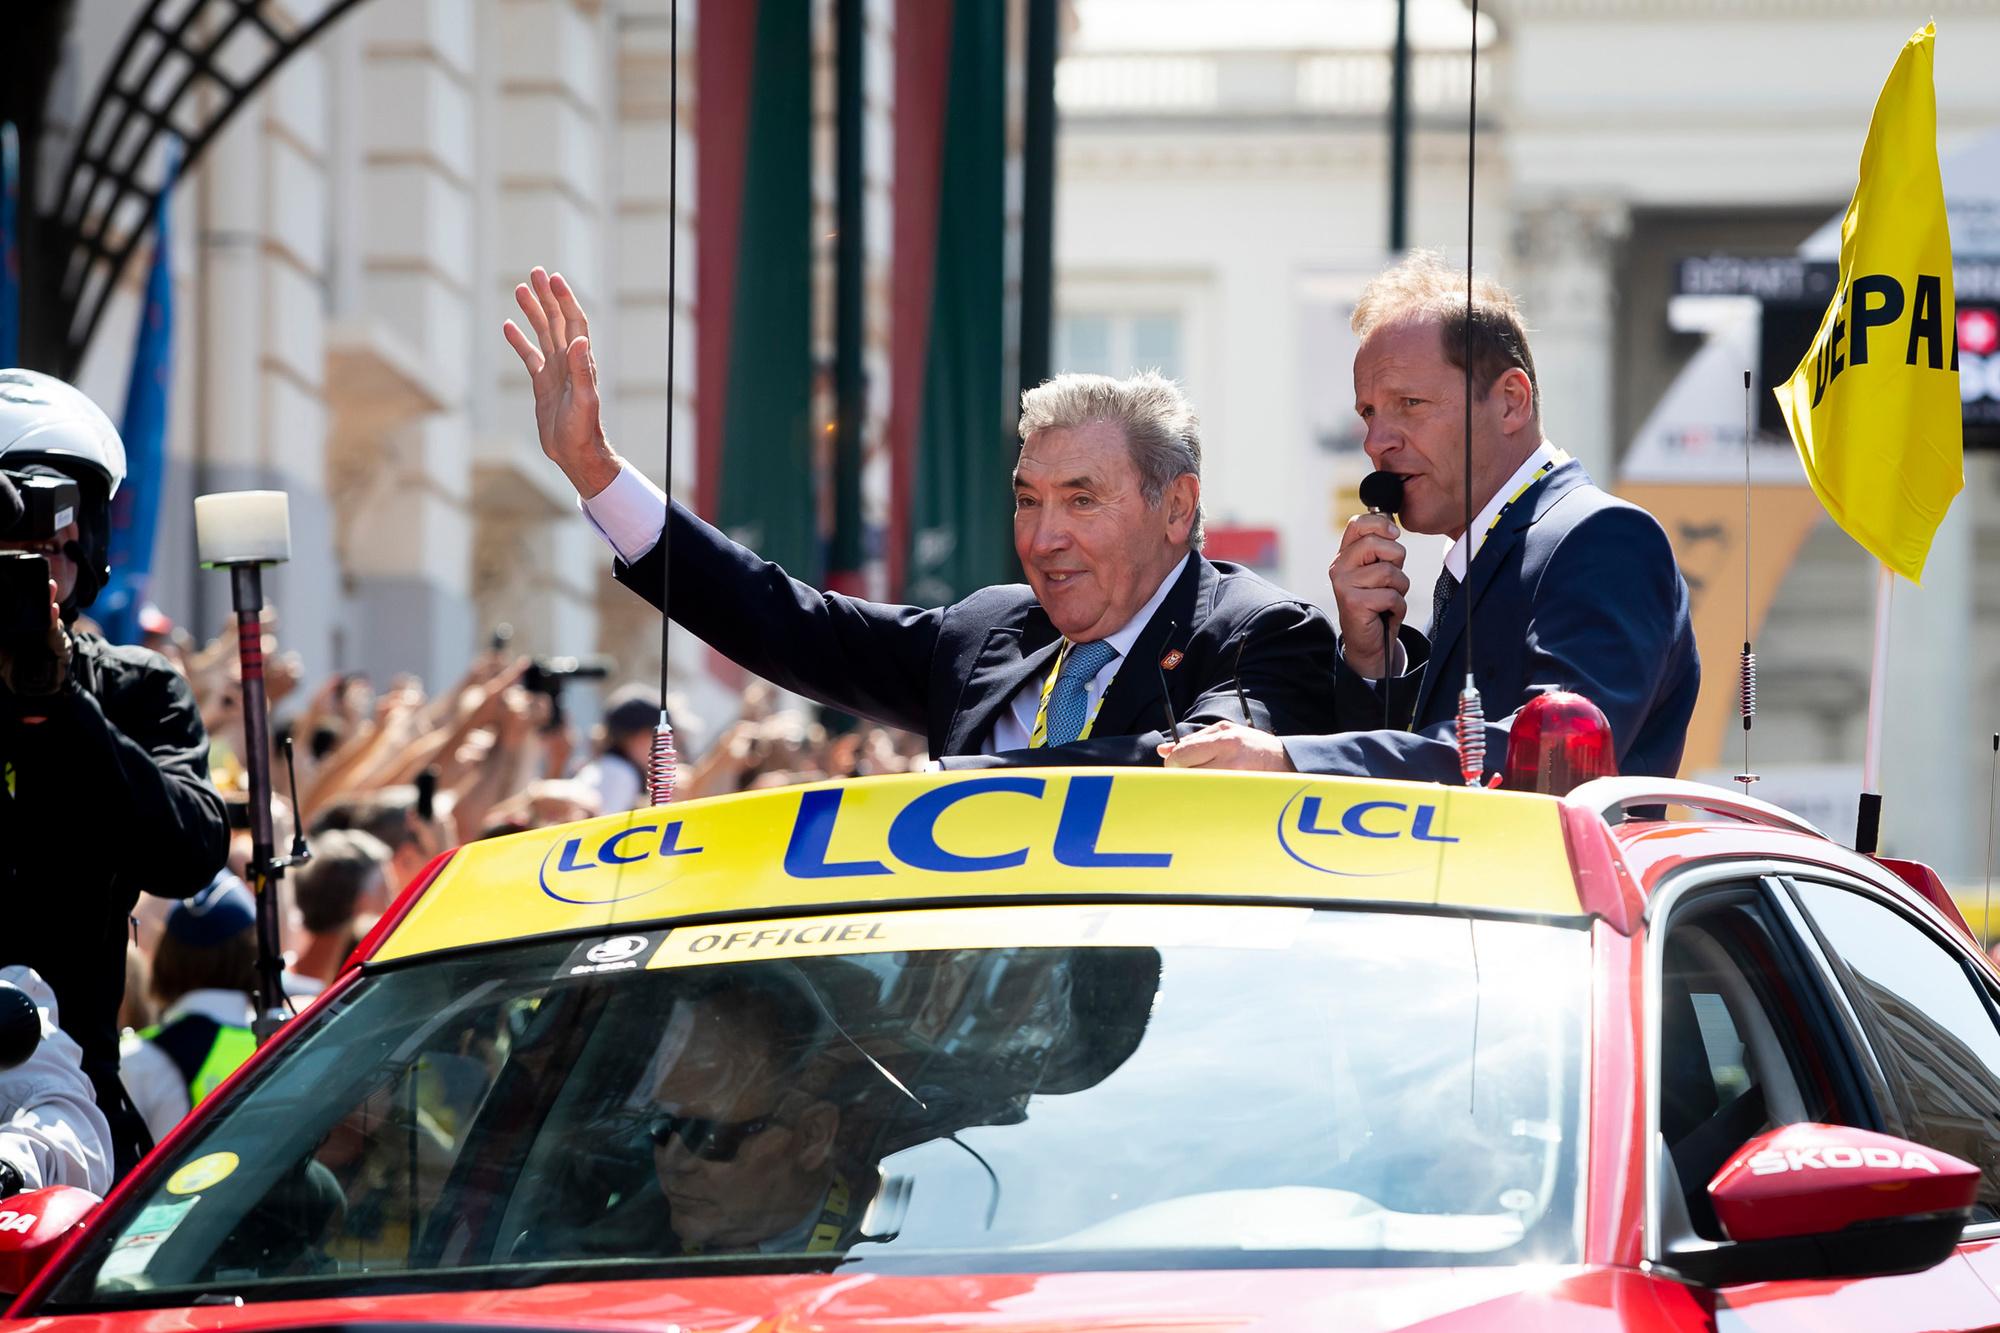 Toen de Ronde van Frankrijk vorig jaar in Brussel passeerde, werd Eddy Merckx er rondgereden. Daar genoot hij zichtbaar van., Belga Image